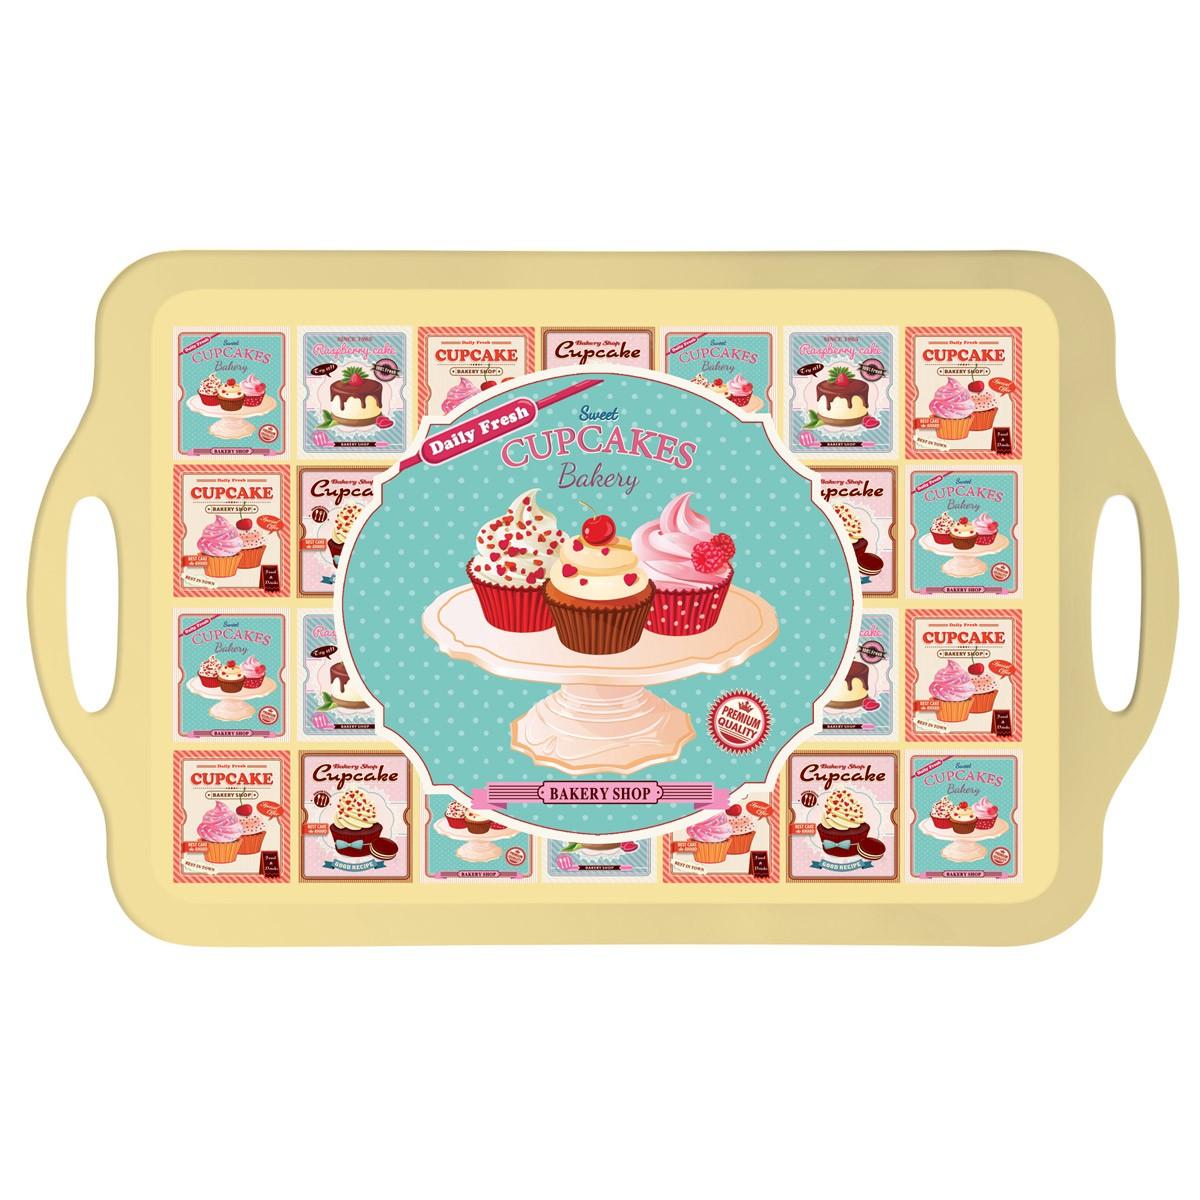 Δίσκος Σερβιρίσματος Marva Cupcakes Pink Large 20800CUΡΡ home   κουζίνα   τραπεζαρία   είδη σερβιρίσματος